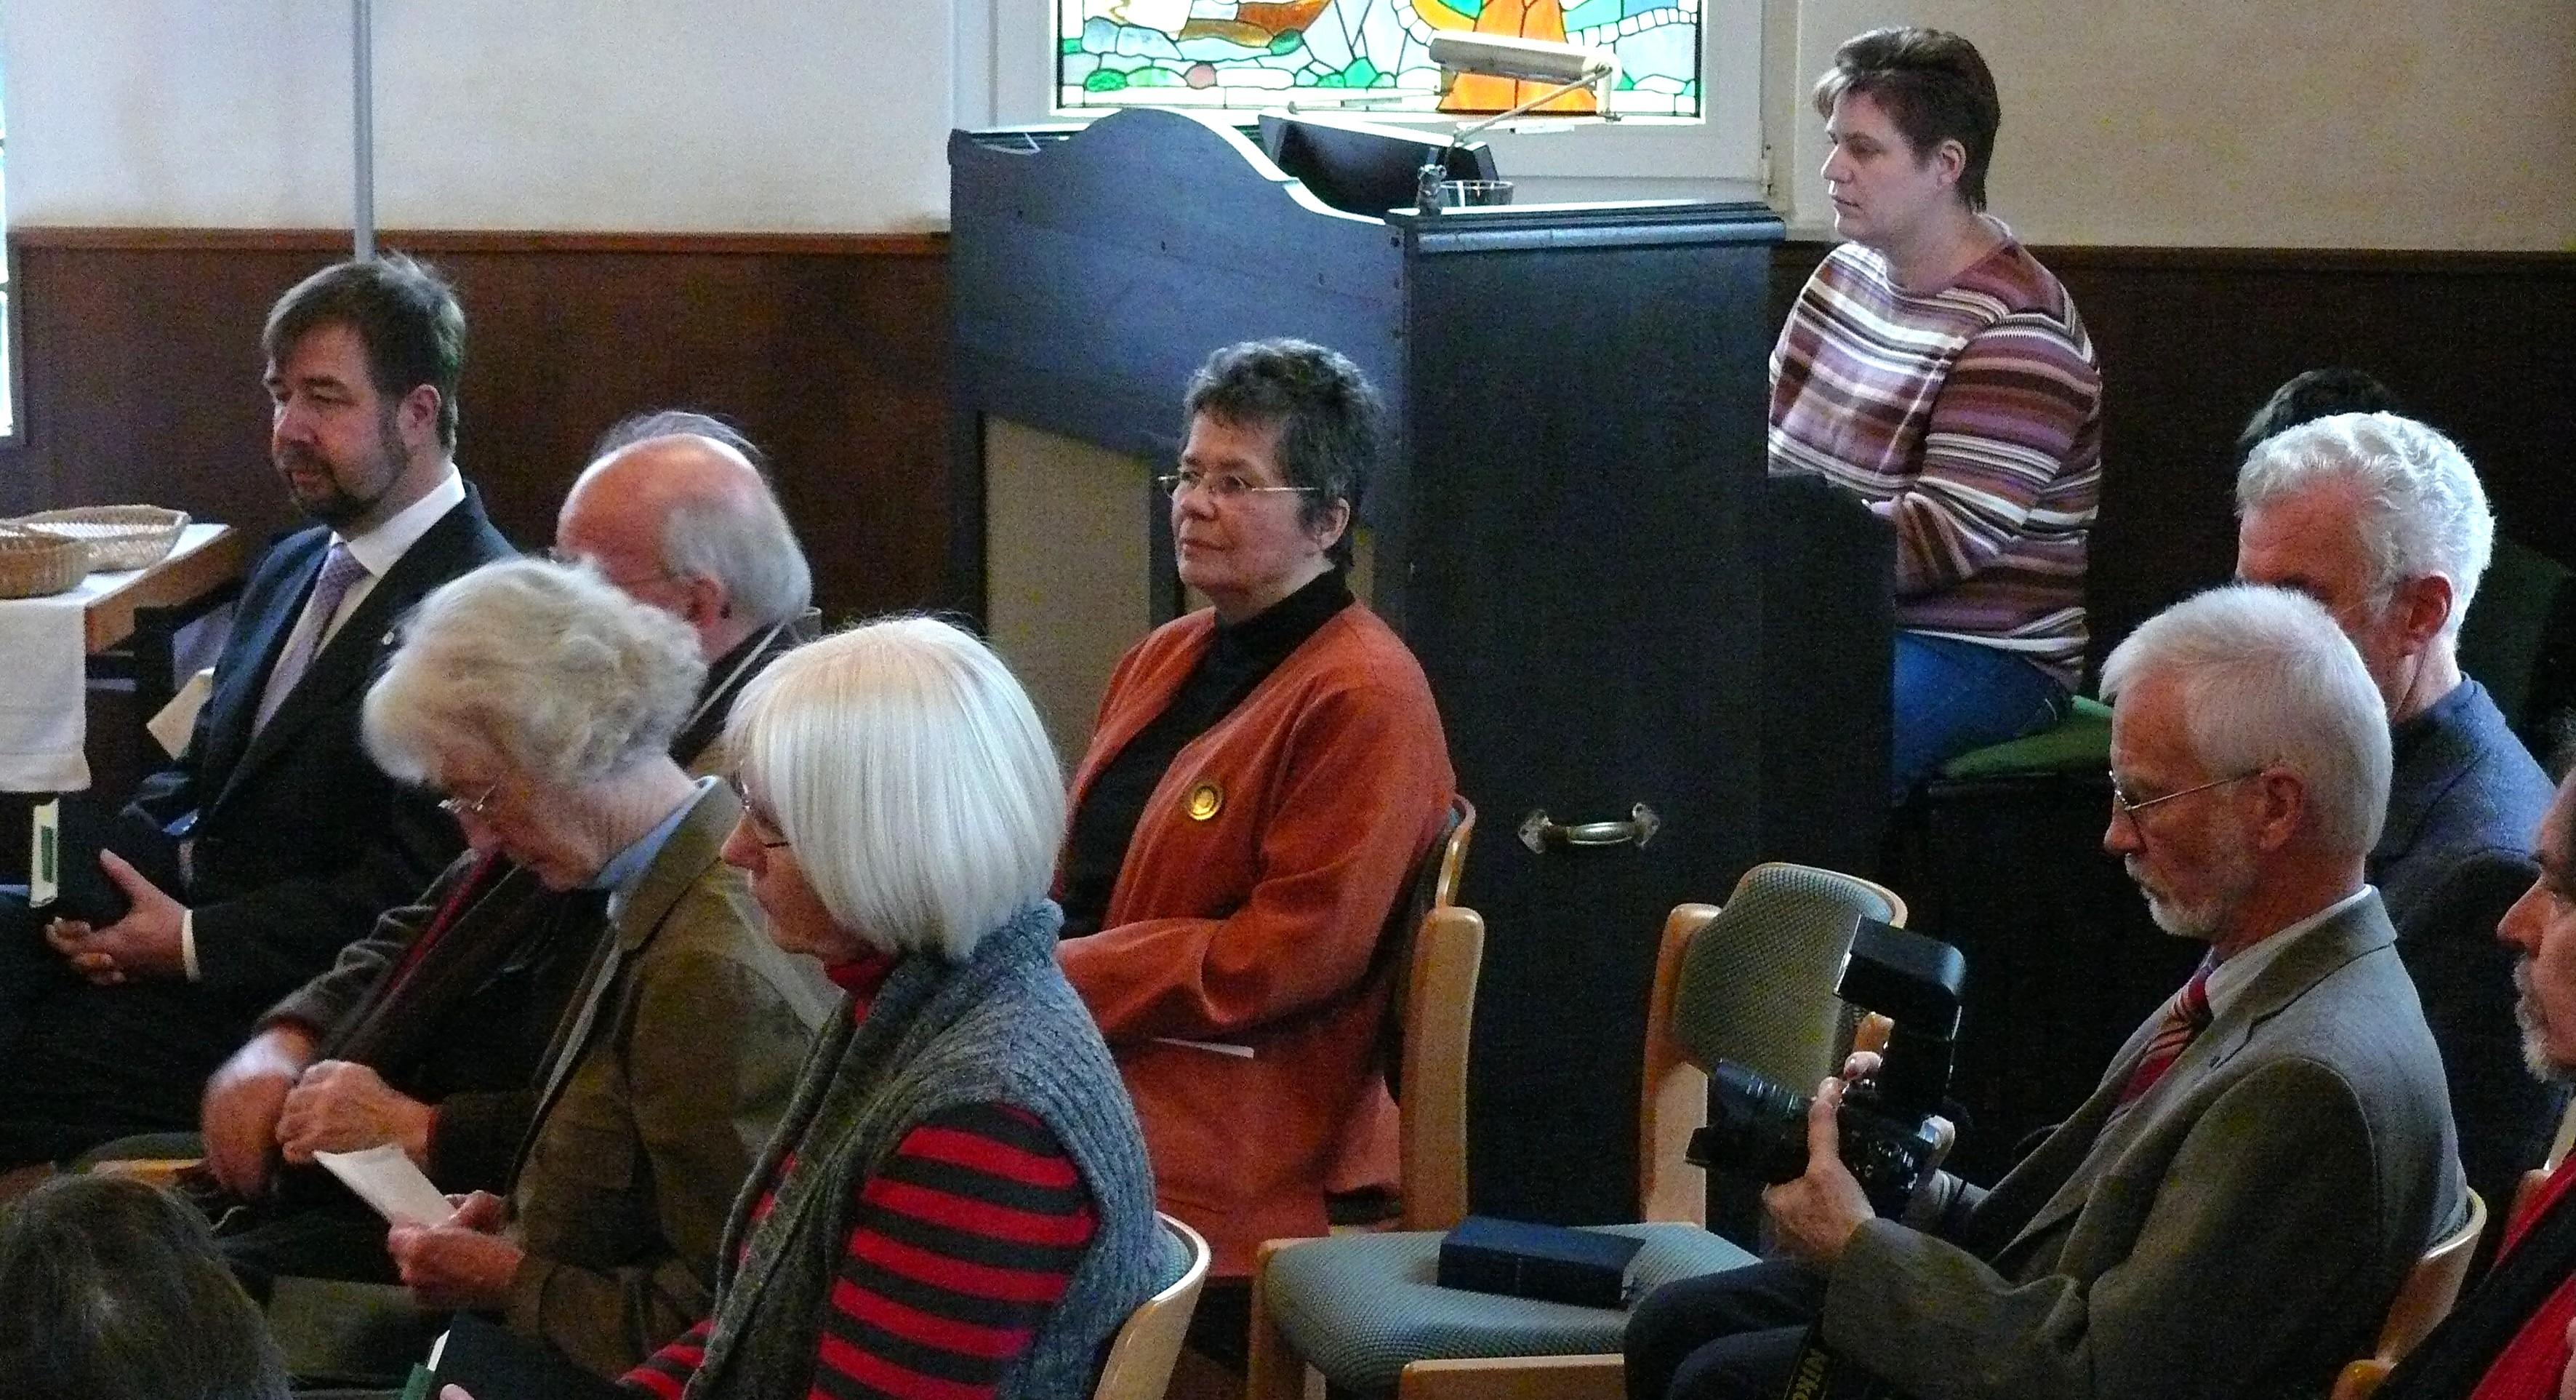 Iris Ben Ammou. Organistin in Delmenhorst und Harmoniumspielerin in Neerstedt